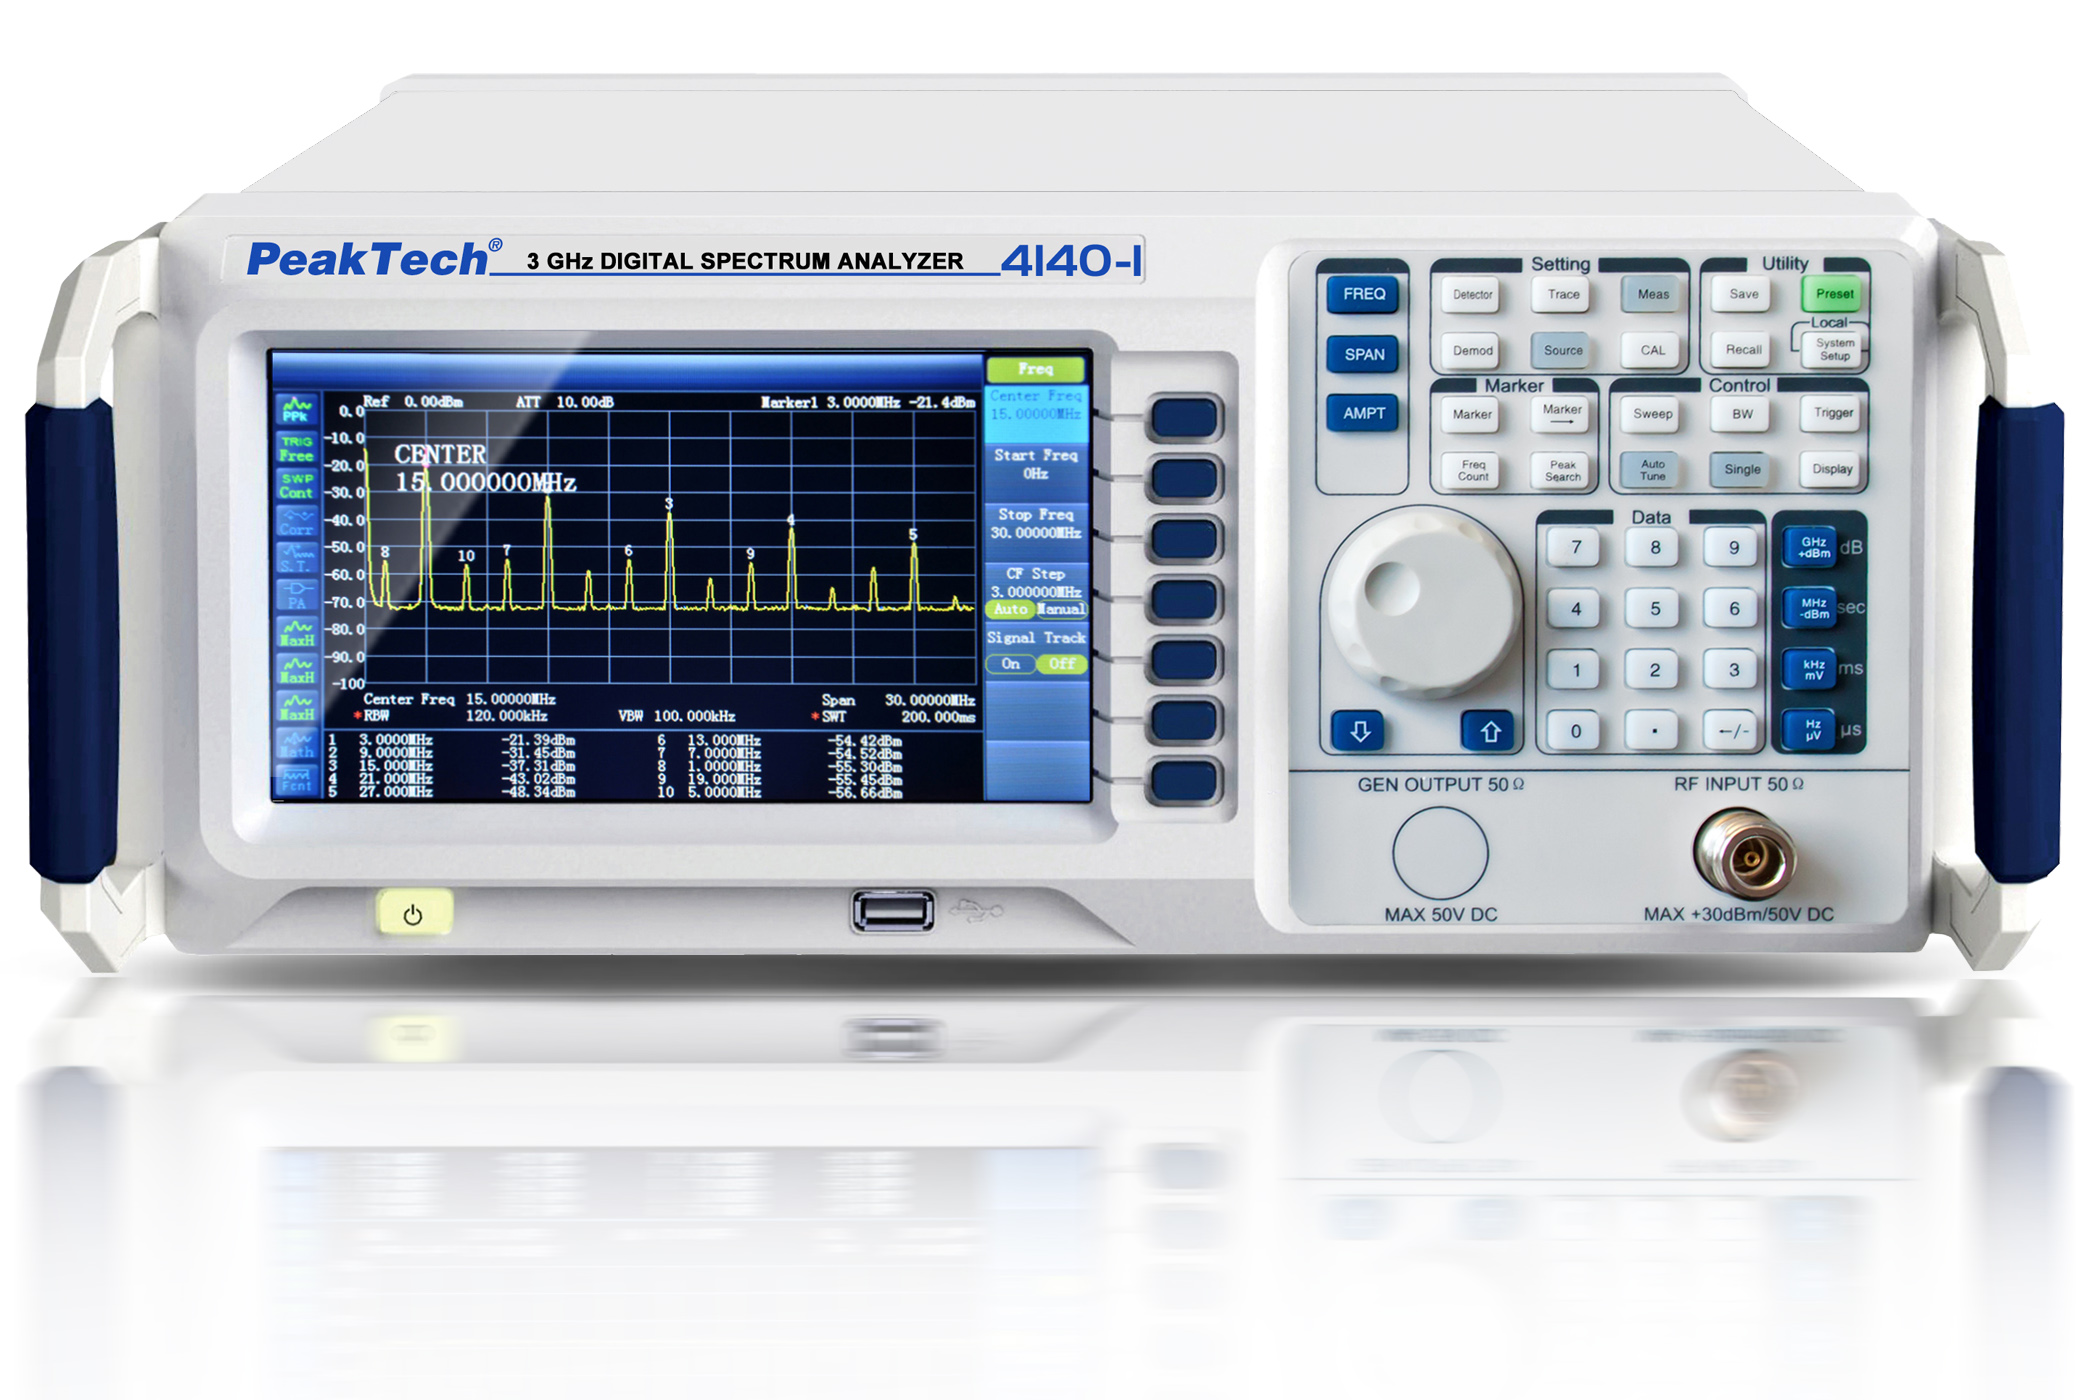 «PeakTech® P 4140-1» 3 GHz Spectrum Analyzer ~ mit TFT-Anzeige, LAN / USB